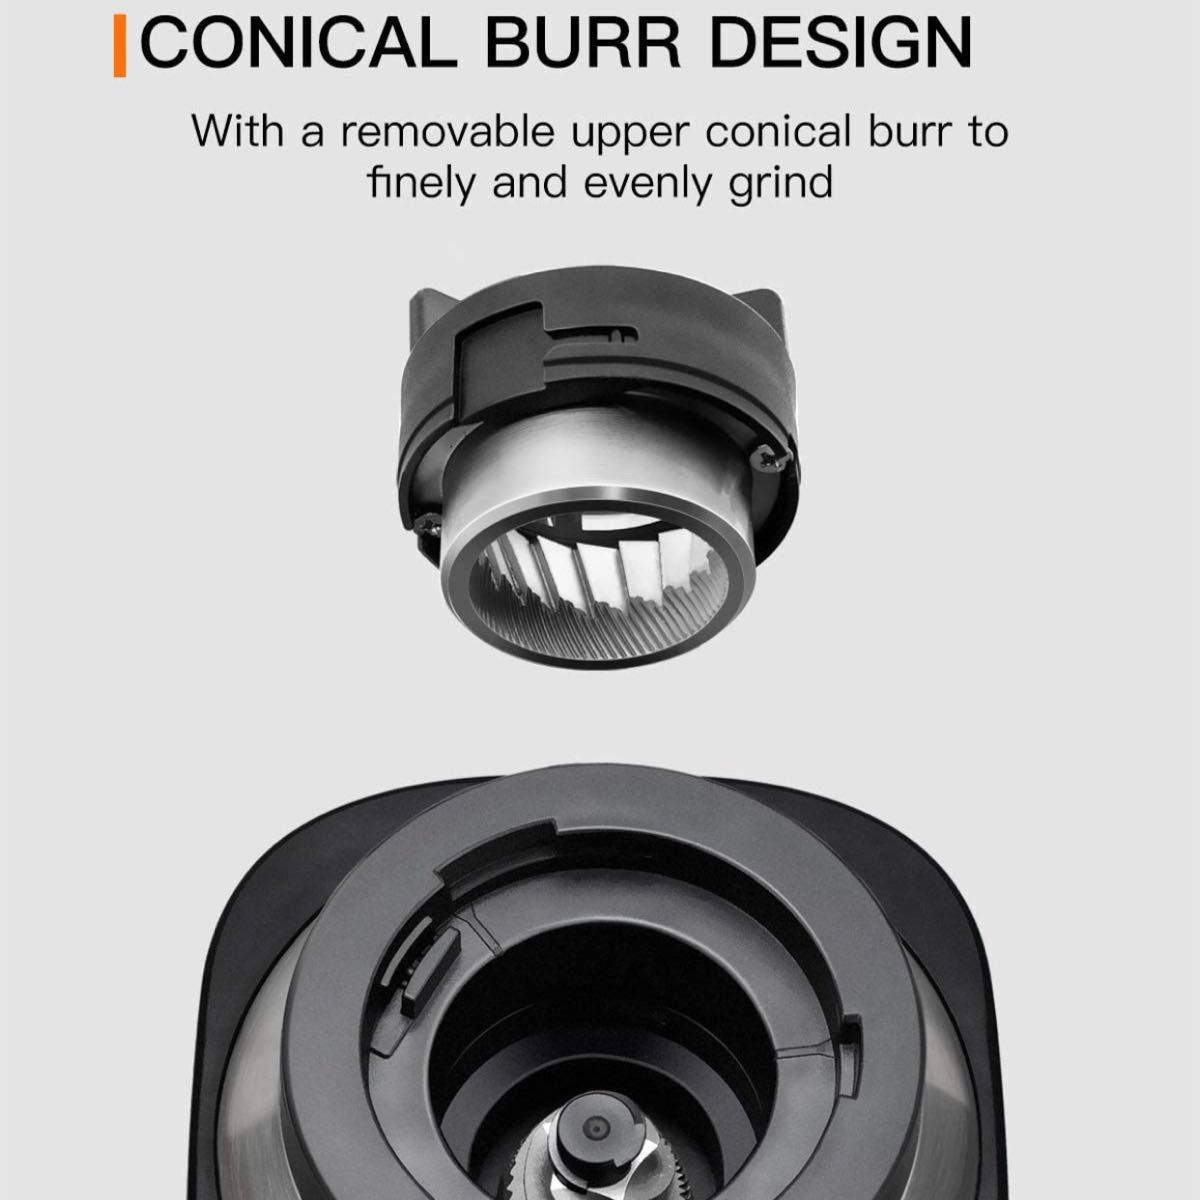 コニカル式コーヒーグラインダー ステンレススチール 調節可能なバリミル 19種類の正確な挽き設定